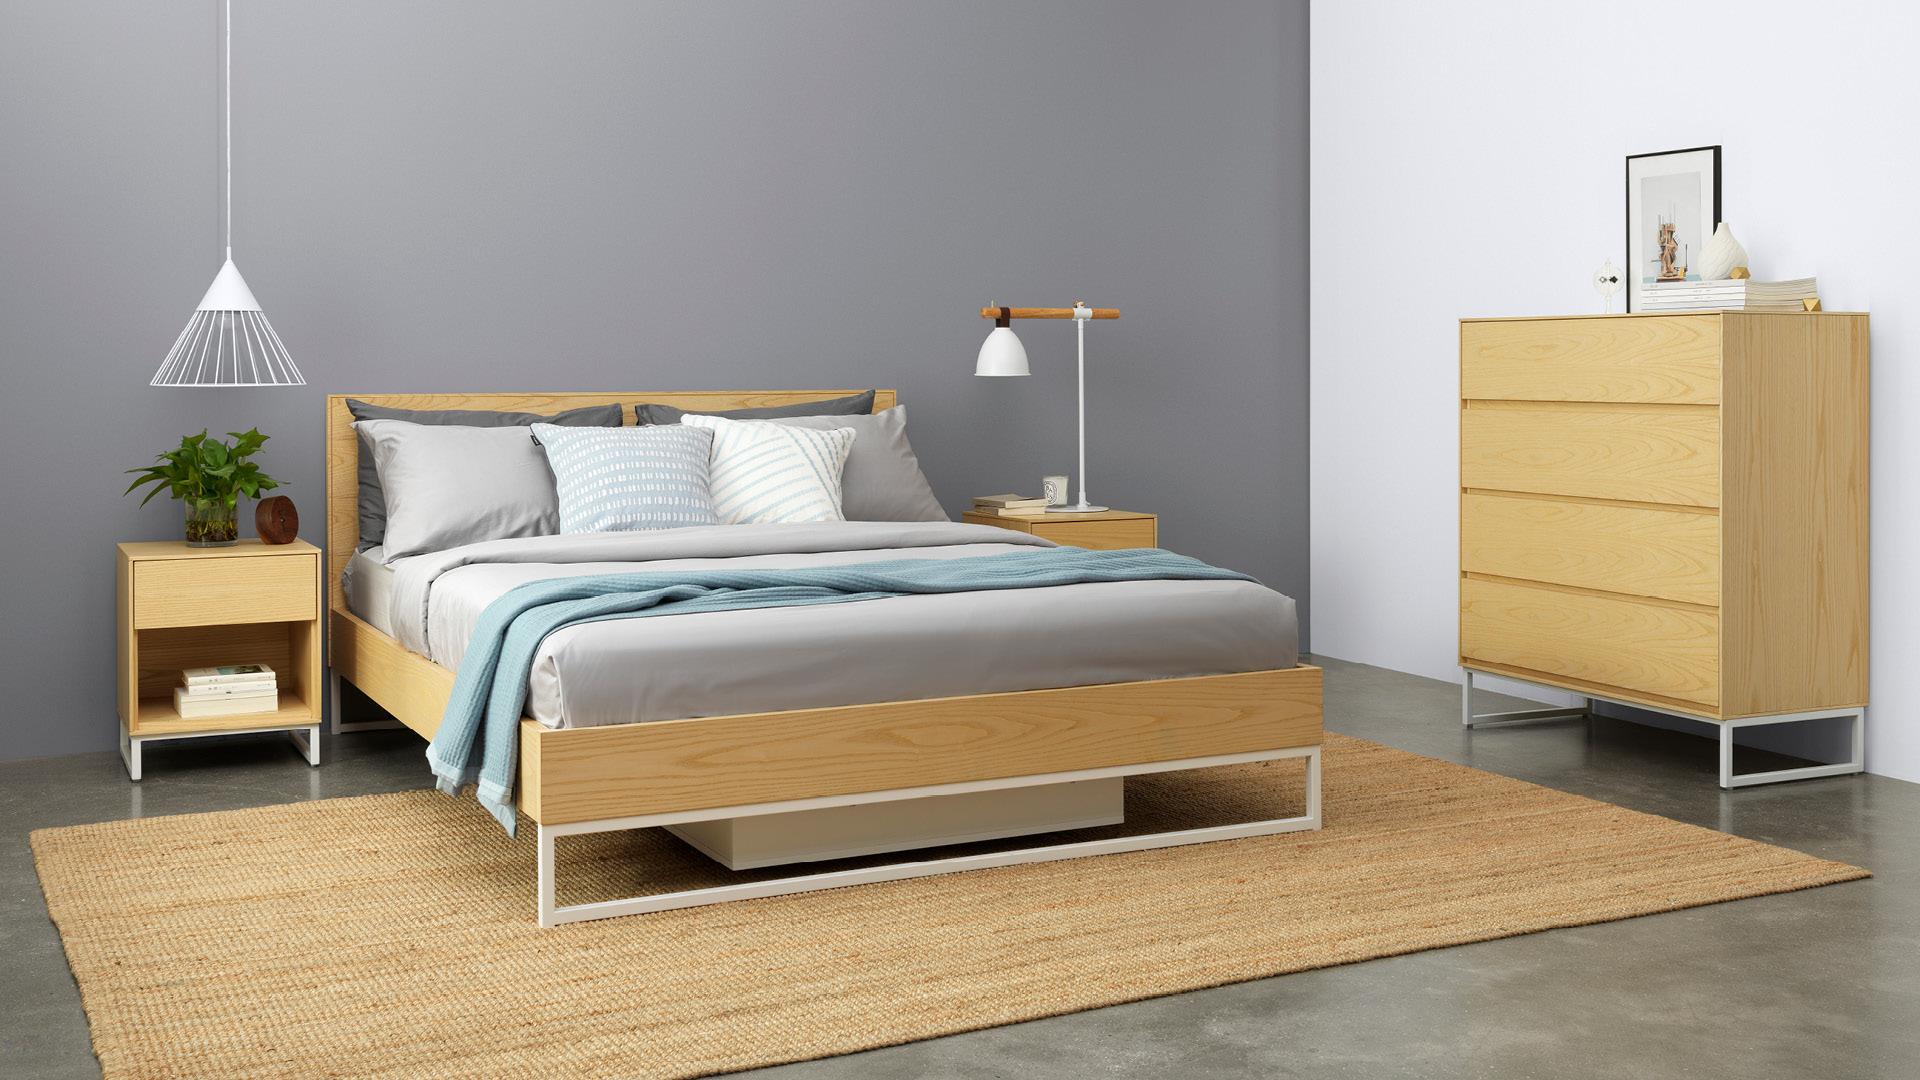 木色卧室,温暖安睡